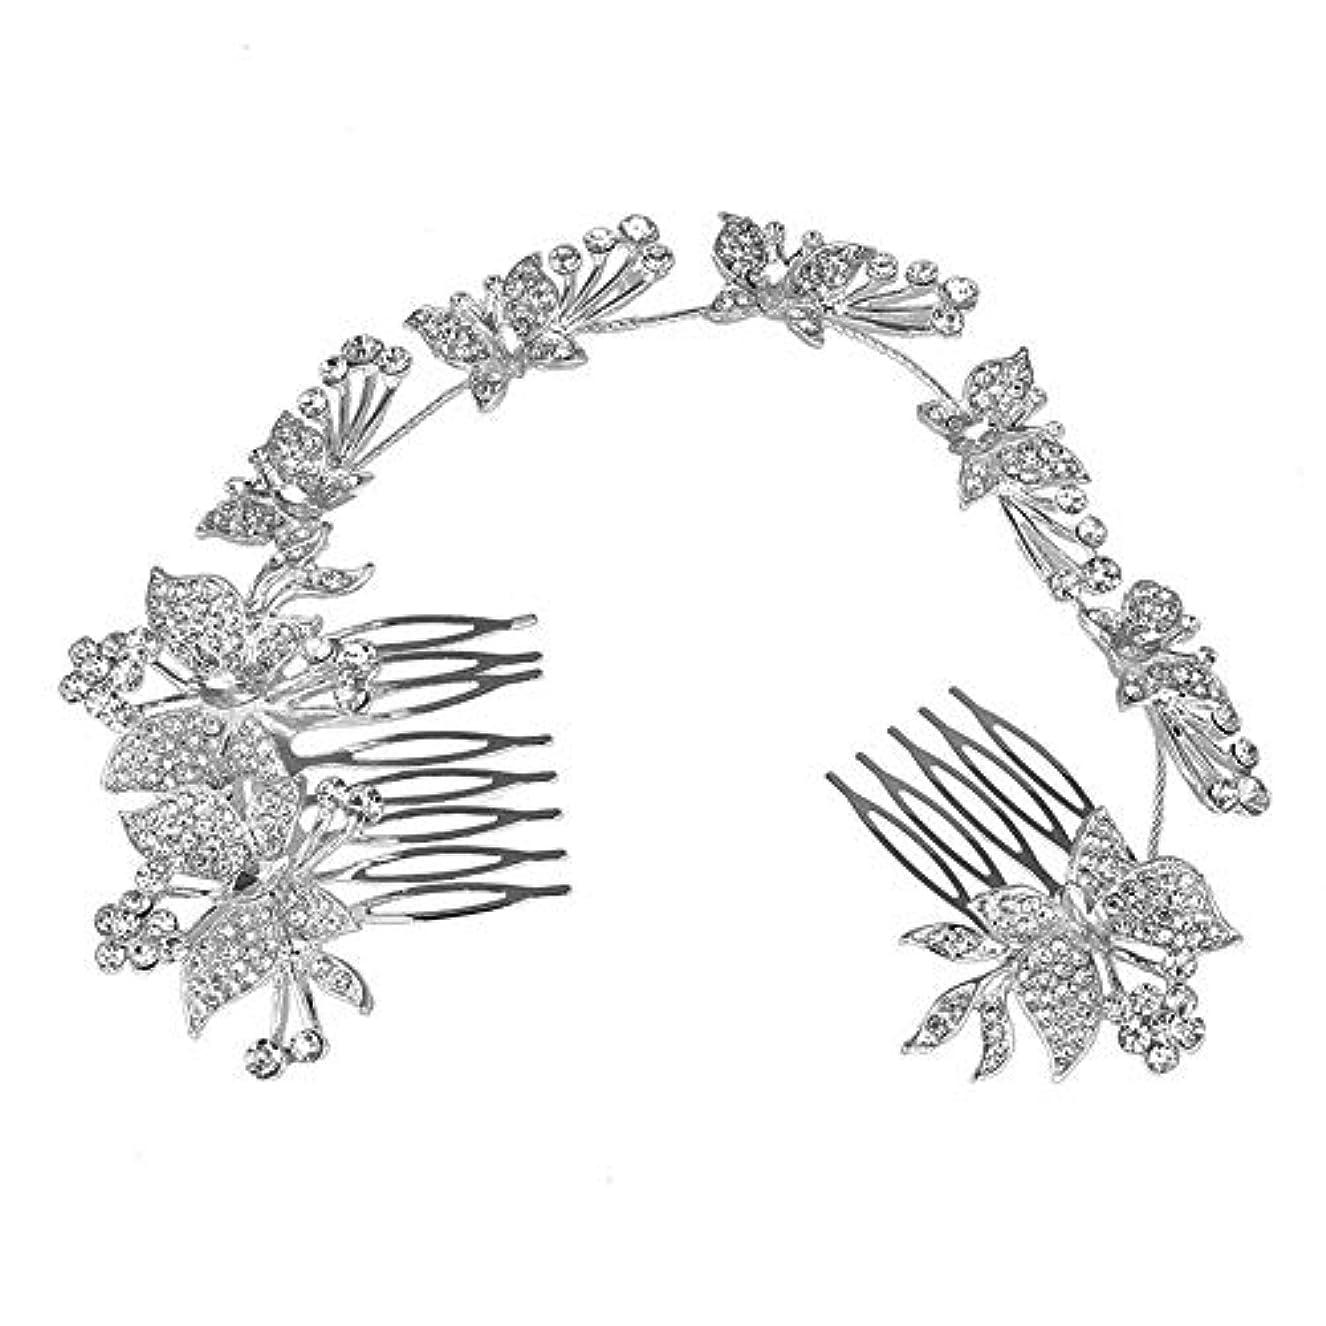 あたたかい征服者キラウエア山髪の櫛、櫛、蝶、髪の櫛、ブライダル髪の櫛、結婚式の髪の櫛、ラインストーンの櫛、ヘッドギア